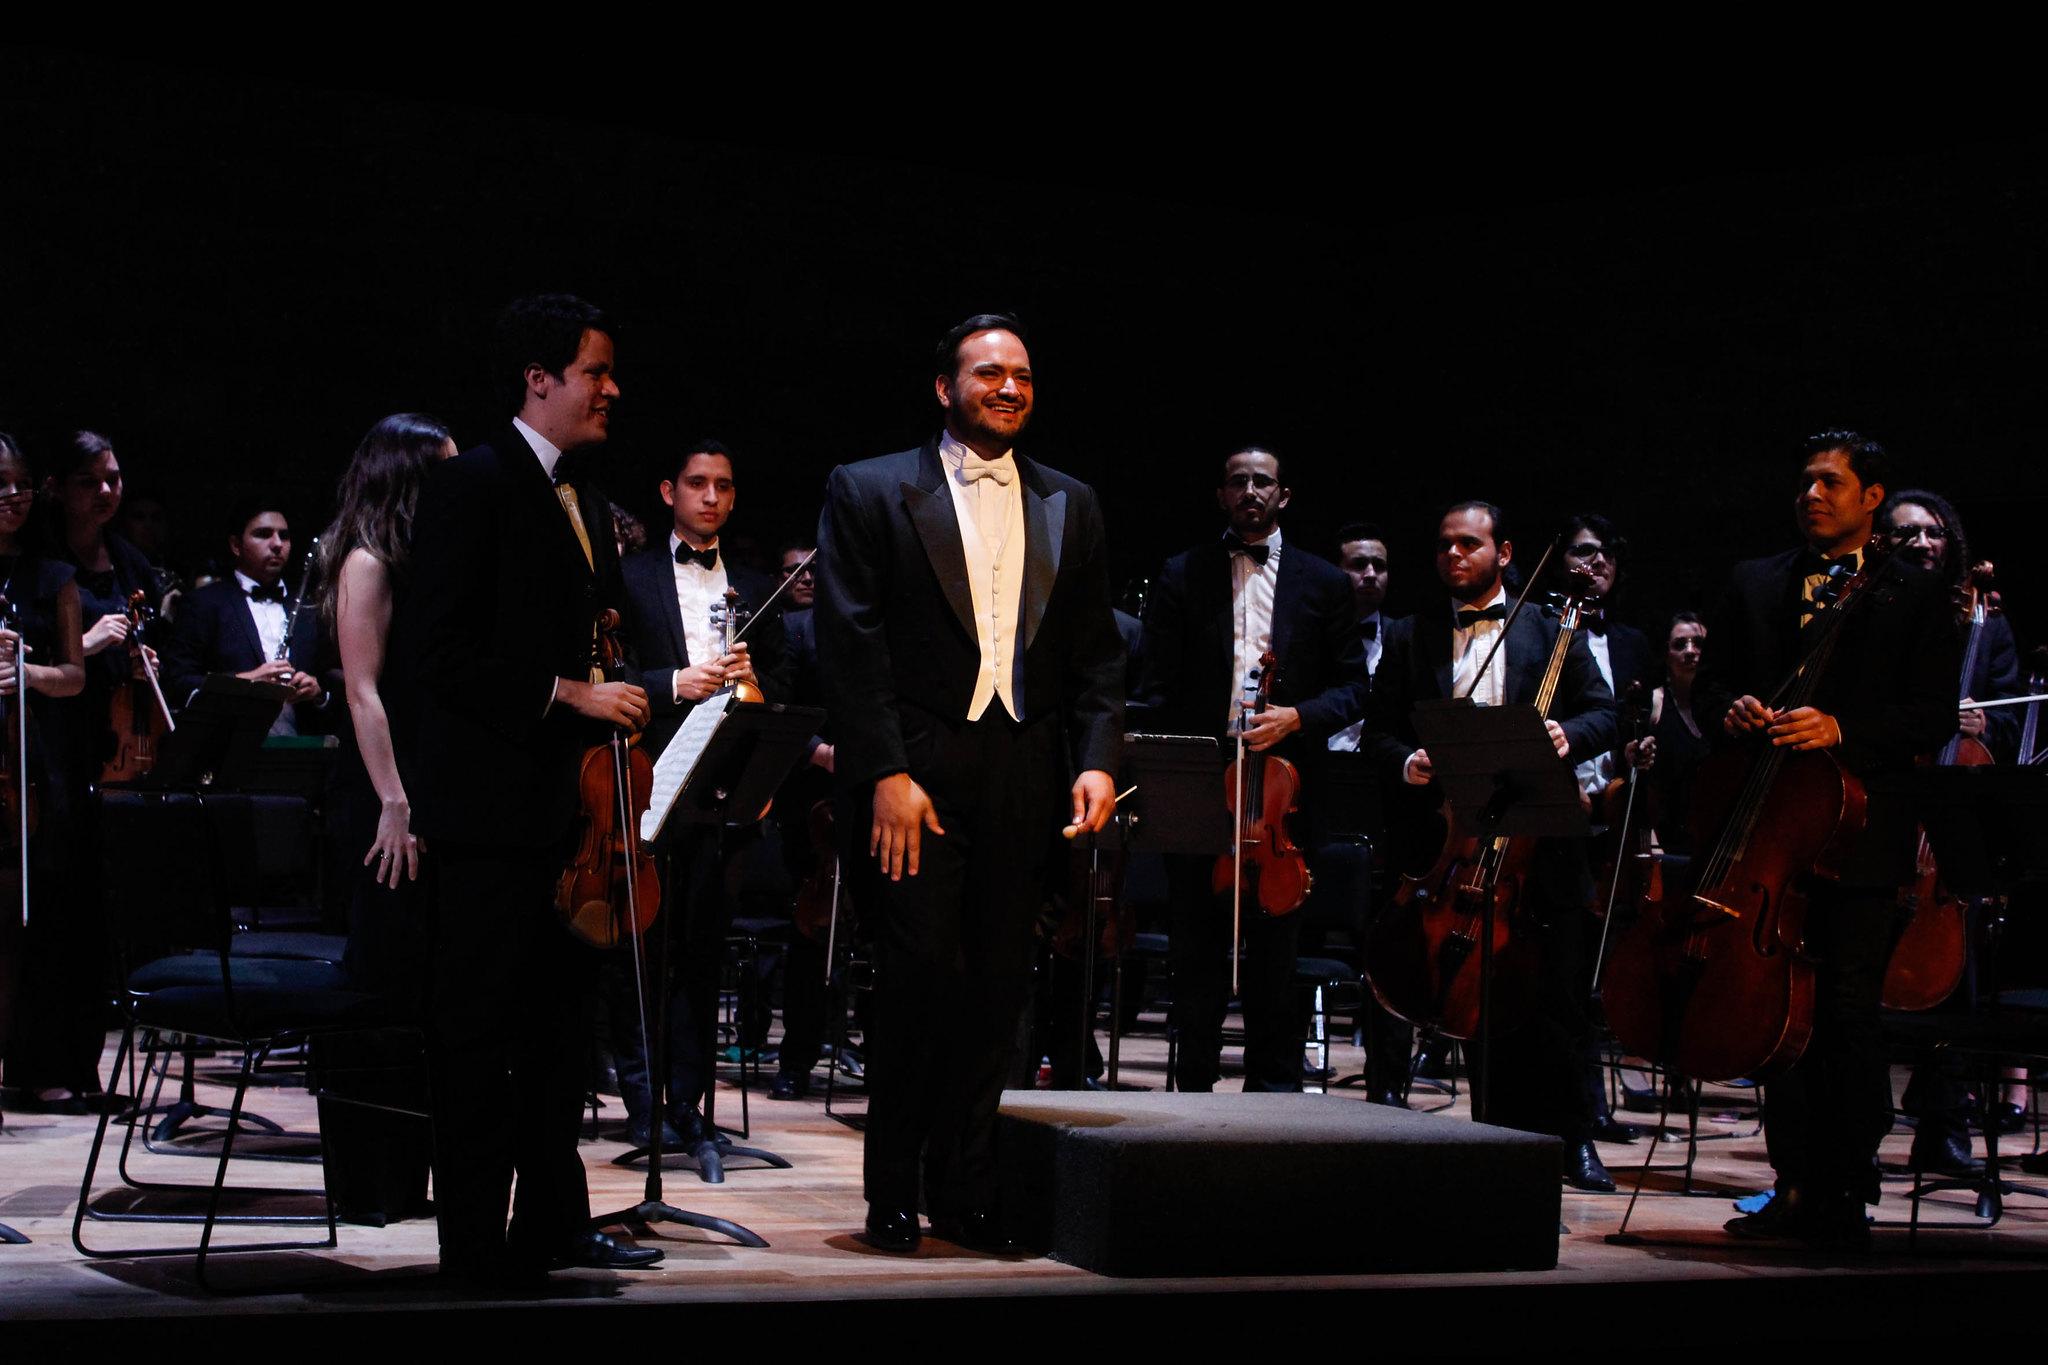 La Orquesta Sinfónica Juvenil de Zapopan se presentará acompañada del dúo Musicalia